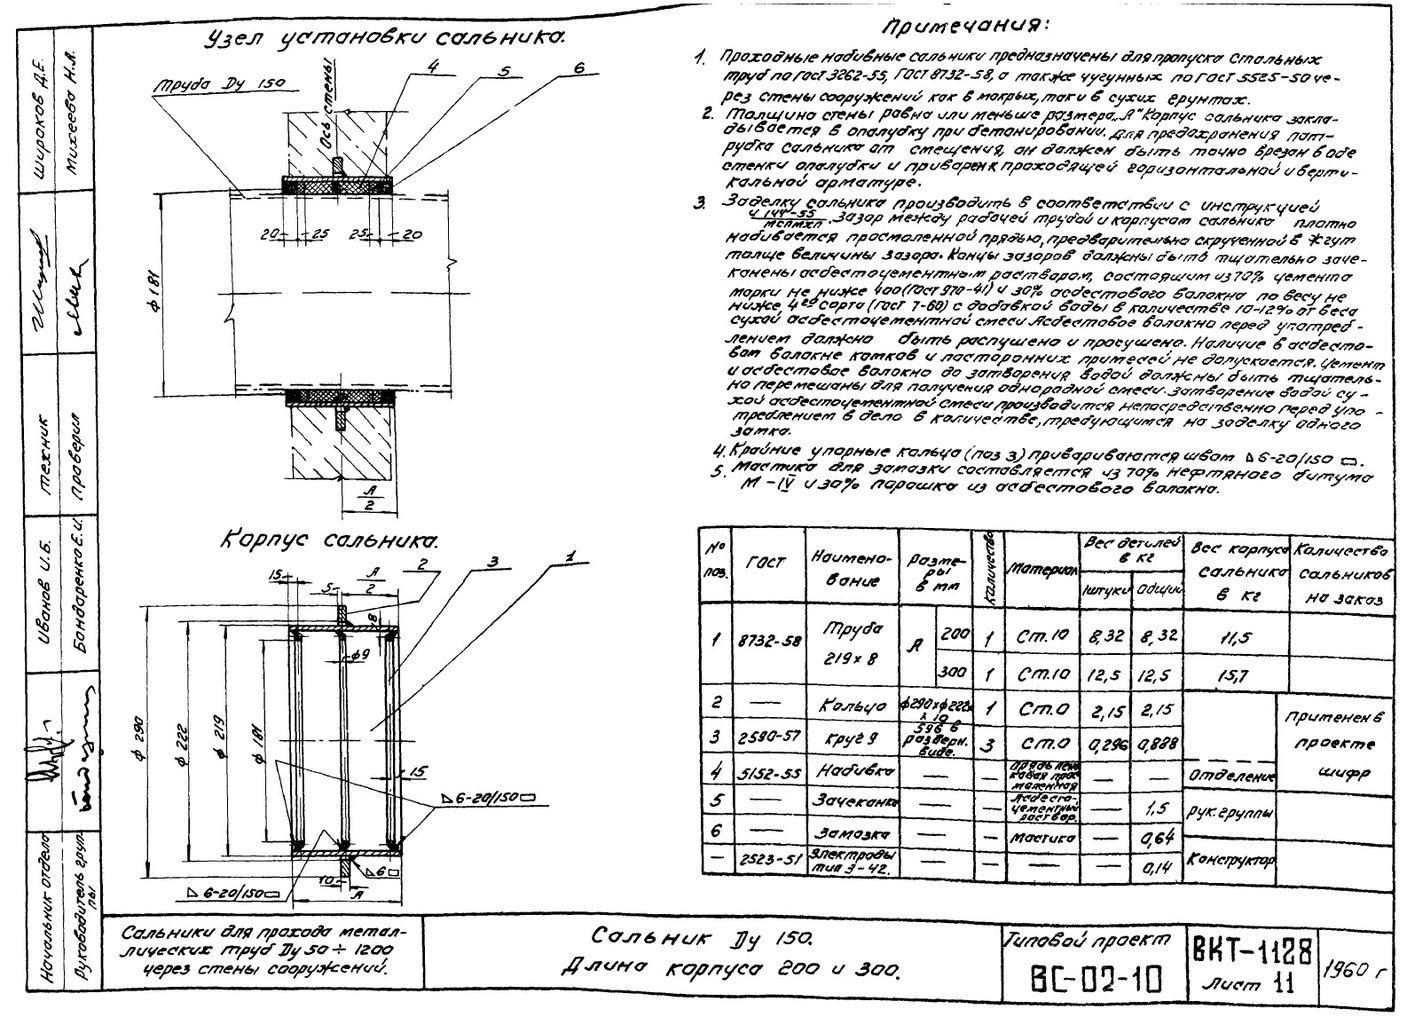 Сальники набивные L = 200 мм типовой проект ВС-02-10 стр.5